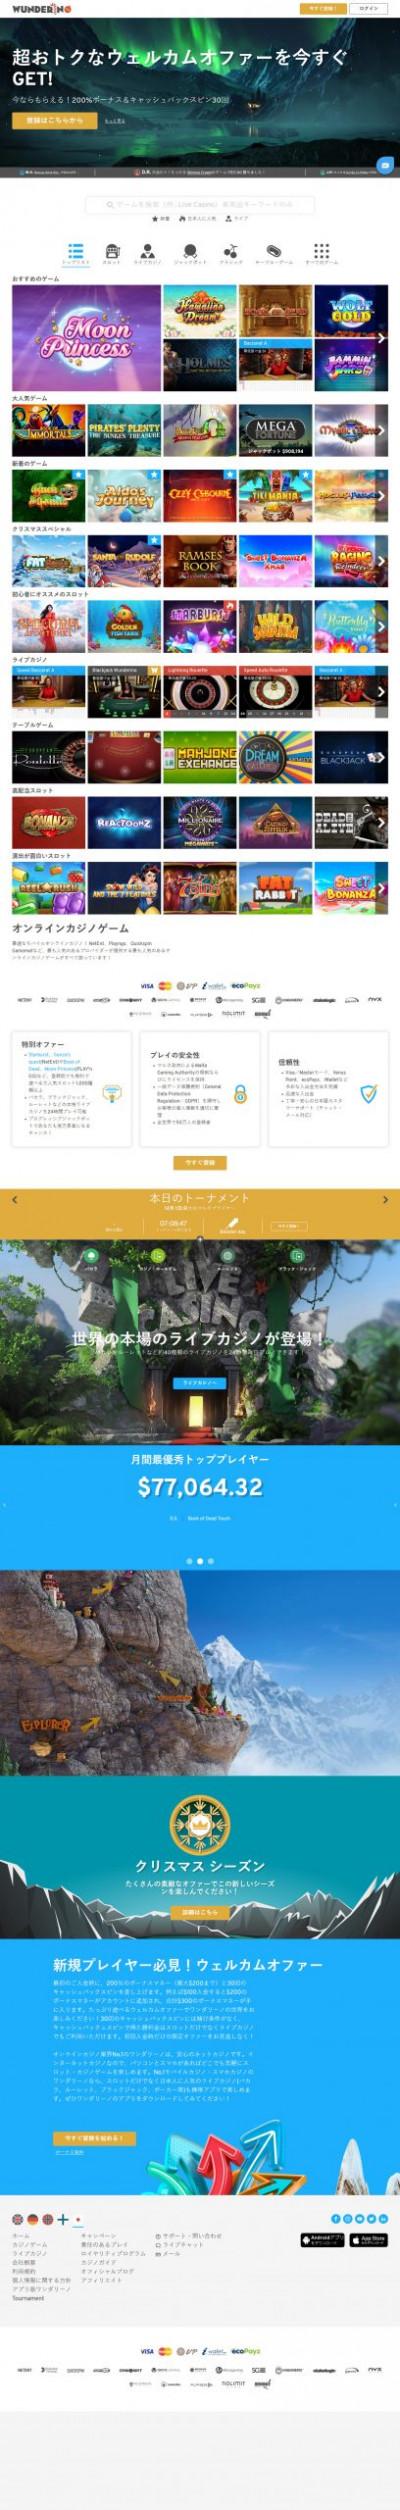 ワンダリーノ(Wunderino) Screenshot